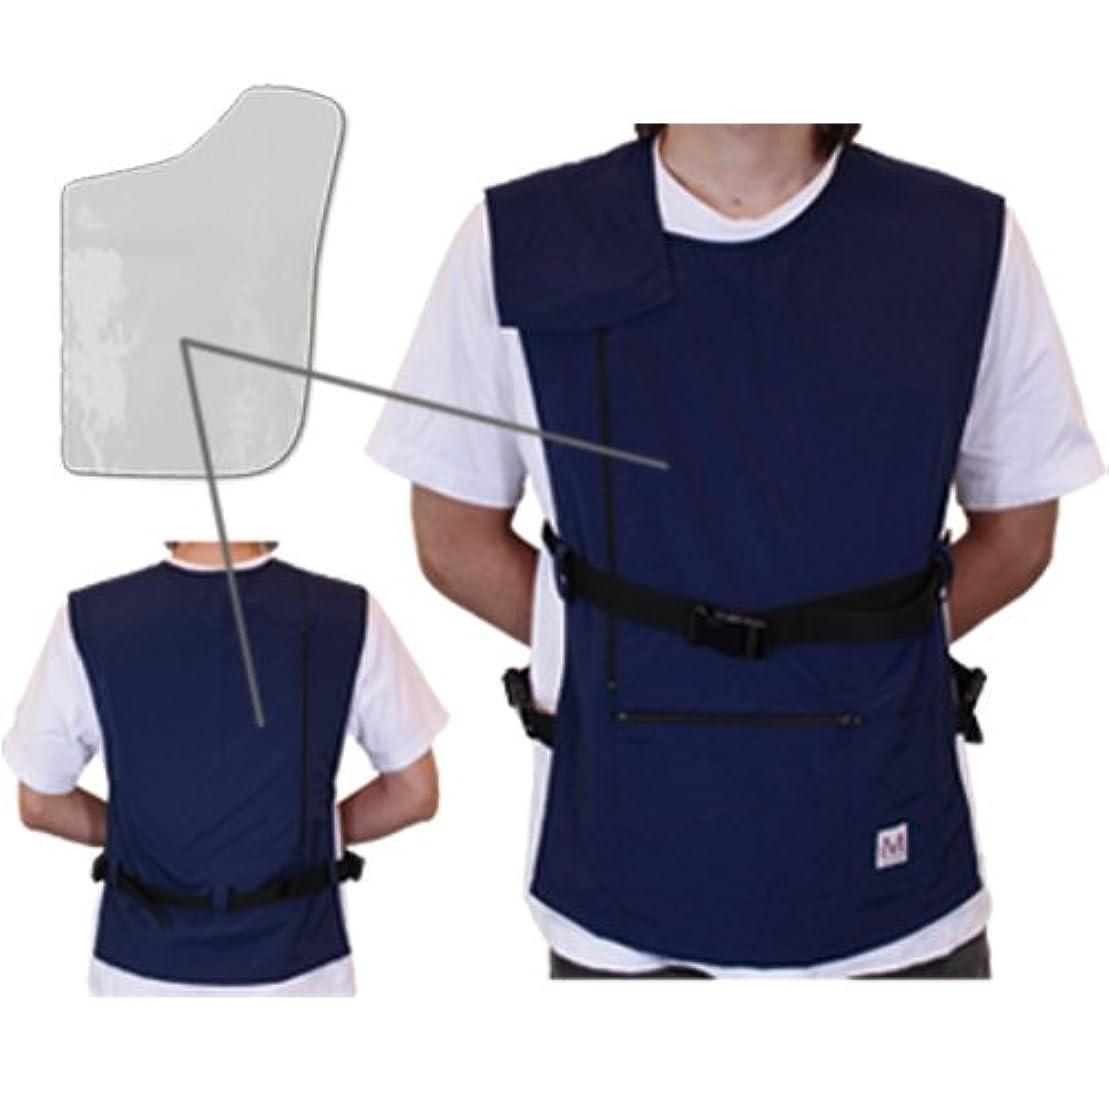 精査マッサージ赤面ペースメーカ?ICD電磁波防護服「MGワークベスト左胸用(カーキー)2年間品質保証